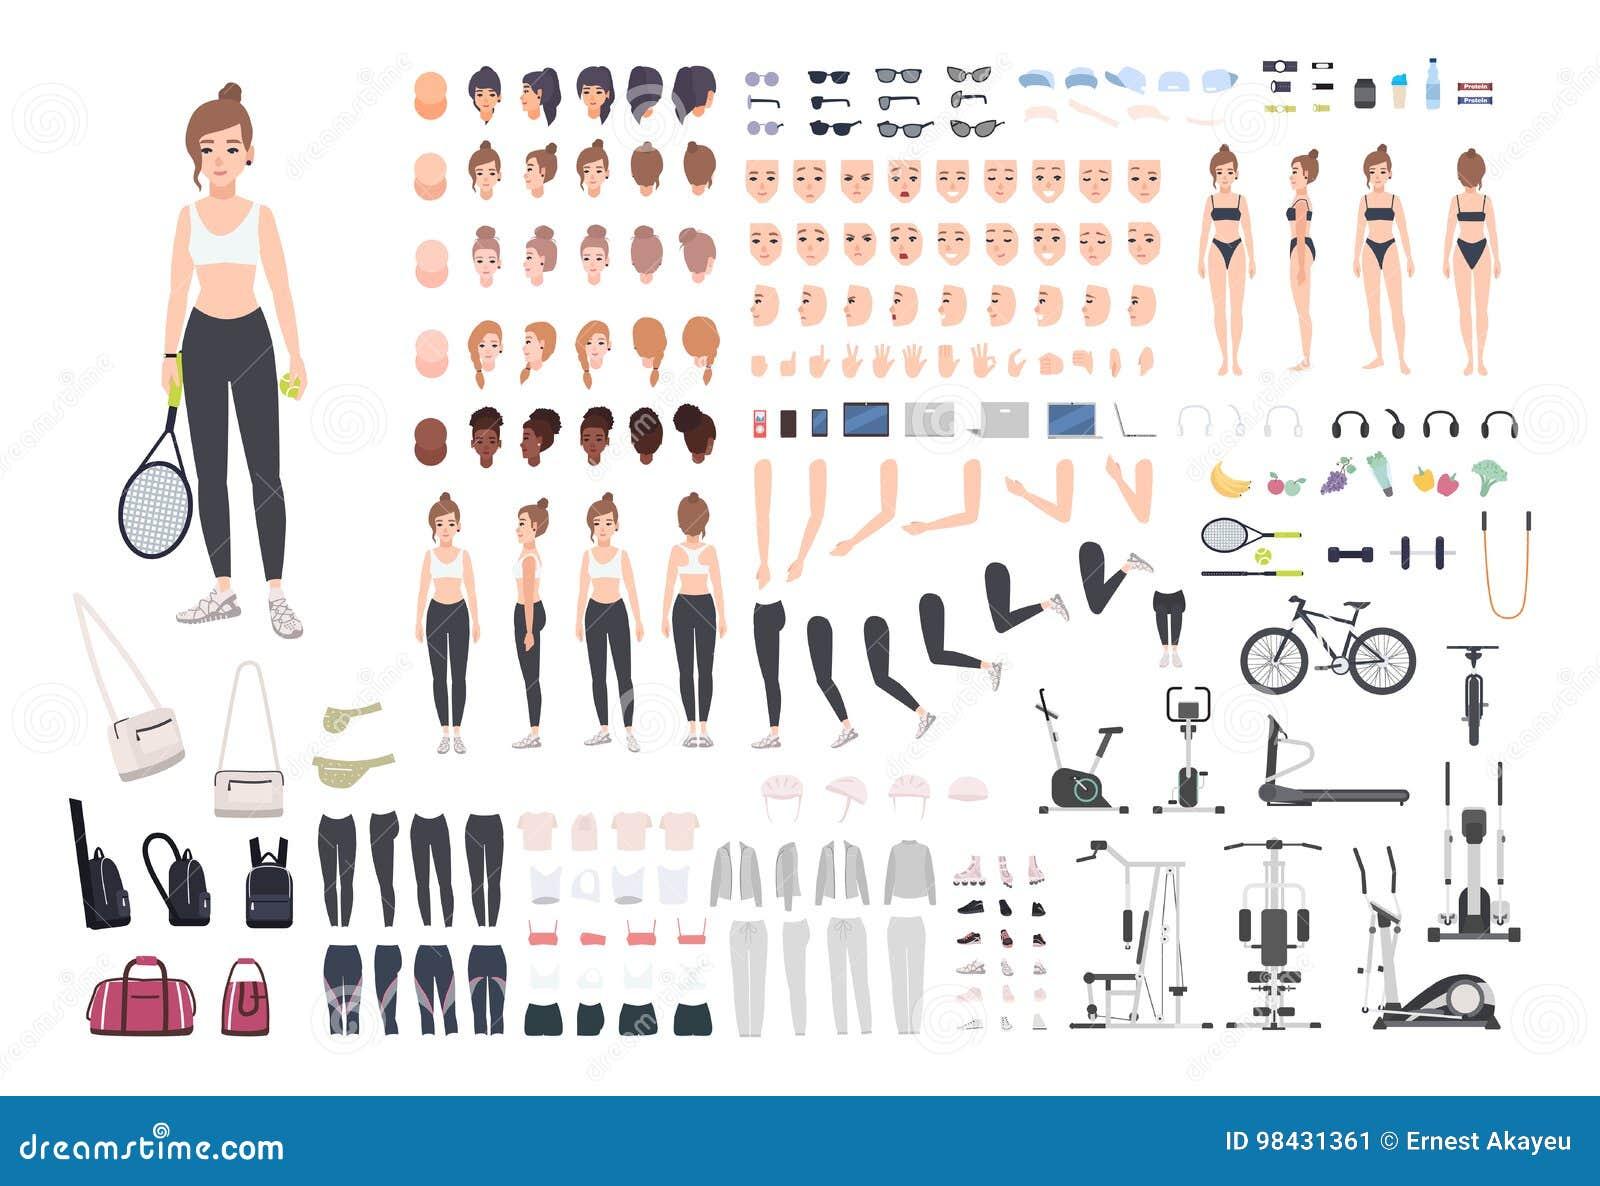 Κατασκευαστής χαρακτήρα αθλητικών κοριτσιών Σύνολο δημιουργιών γυναικών ικανότητας Διαφορετικές στάσεις, hairstyle, πρόσωπο, πόδι